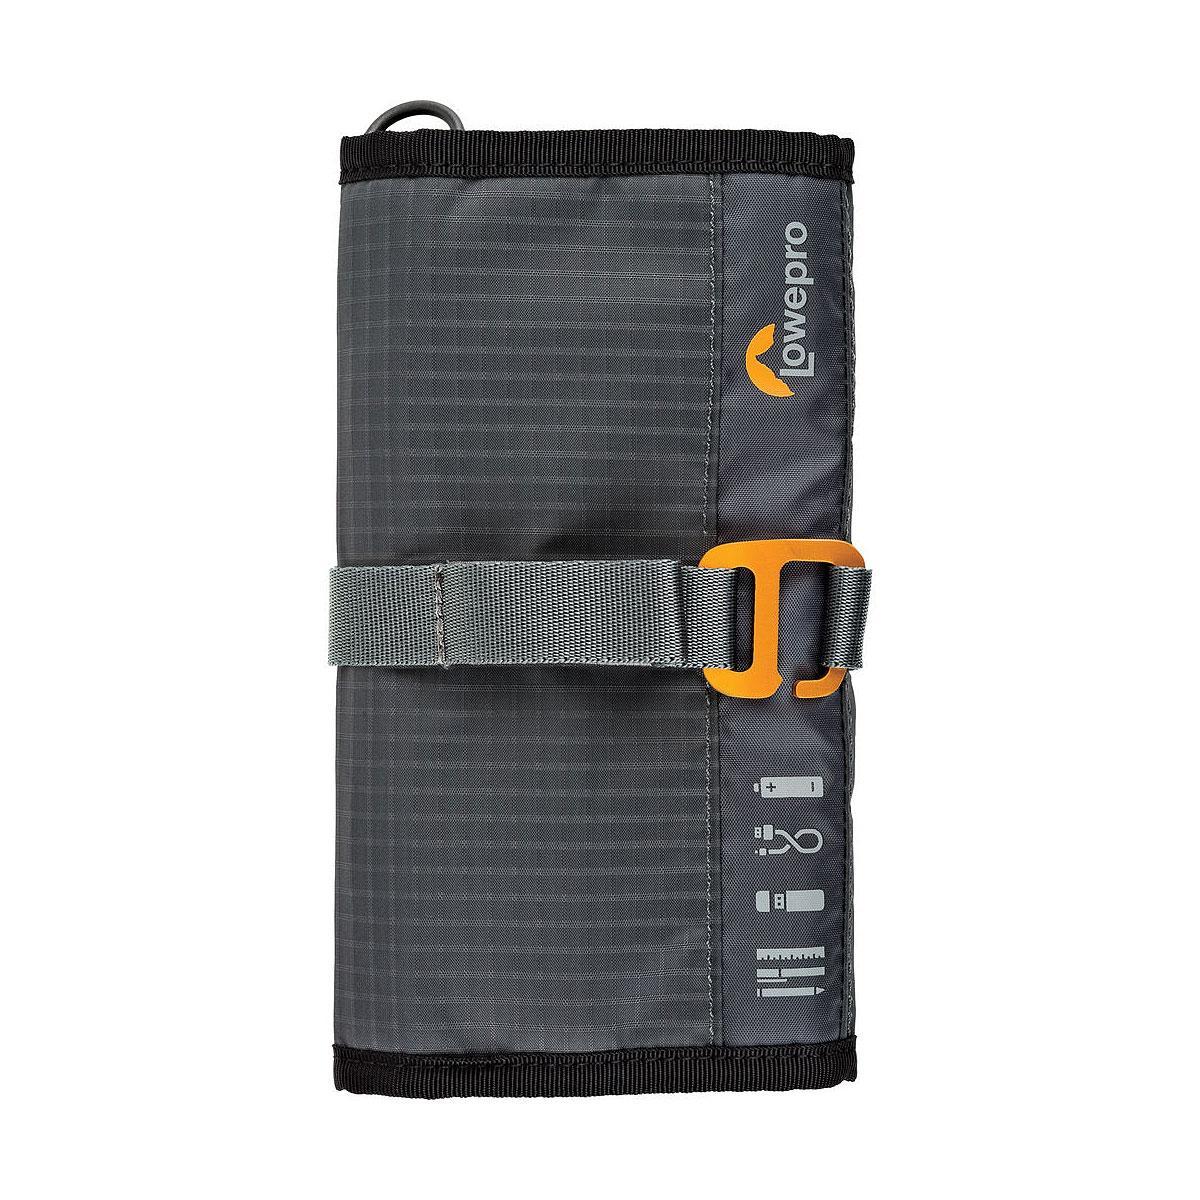 Lowepro Gearup Wrap Dark Grey